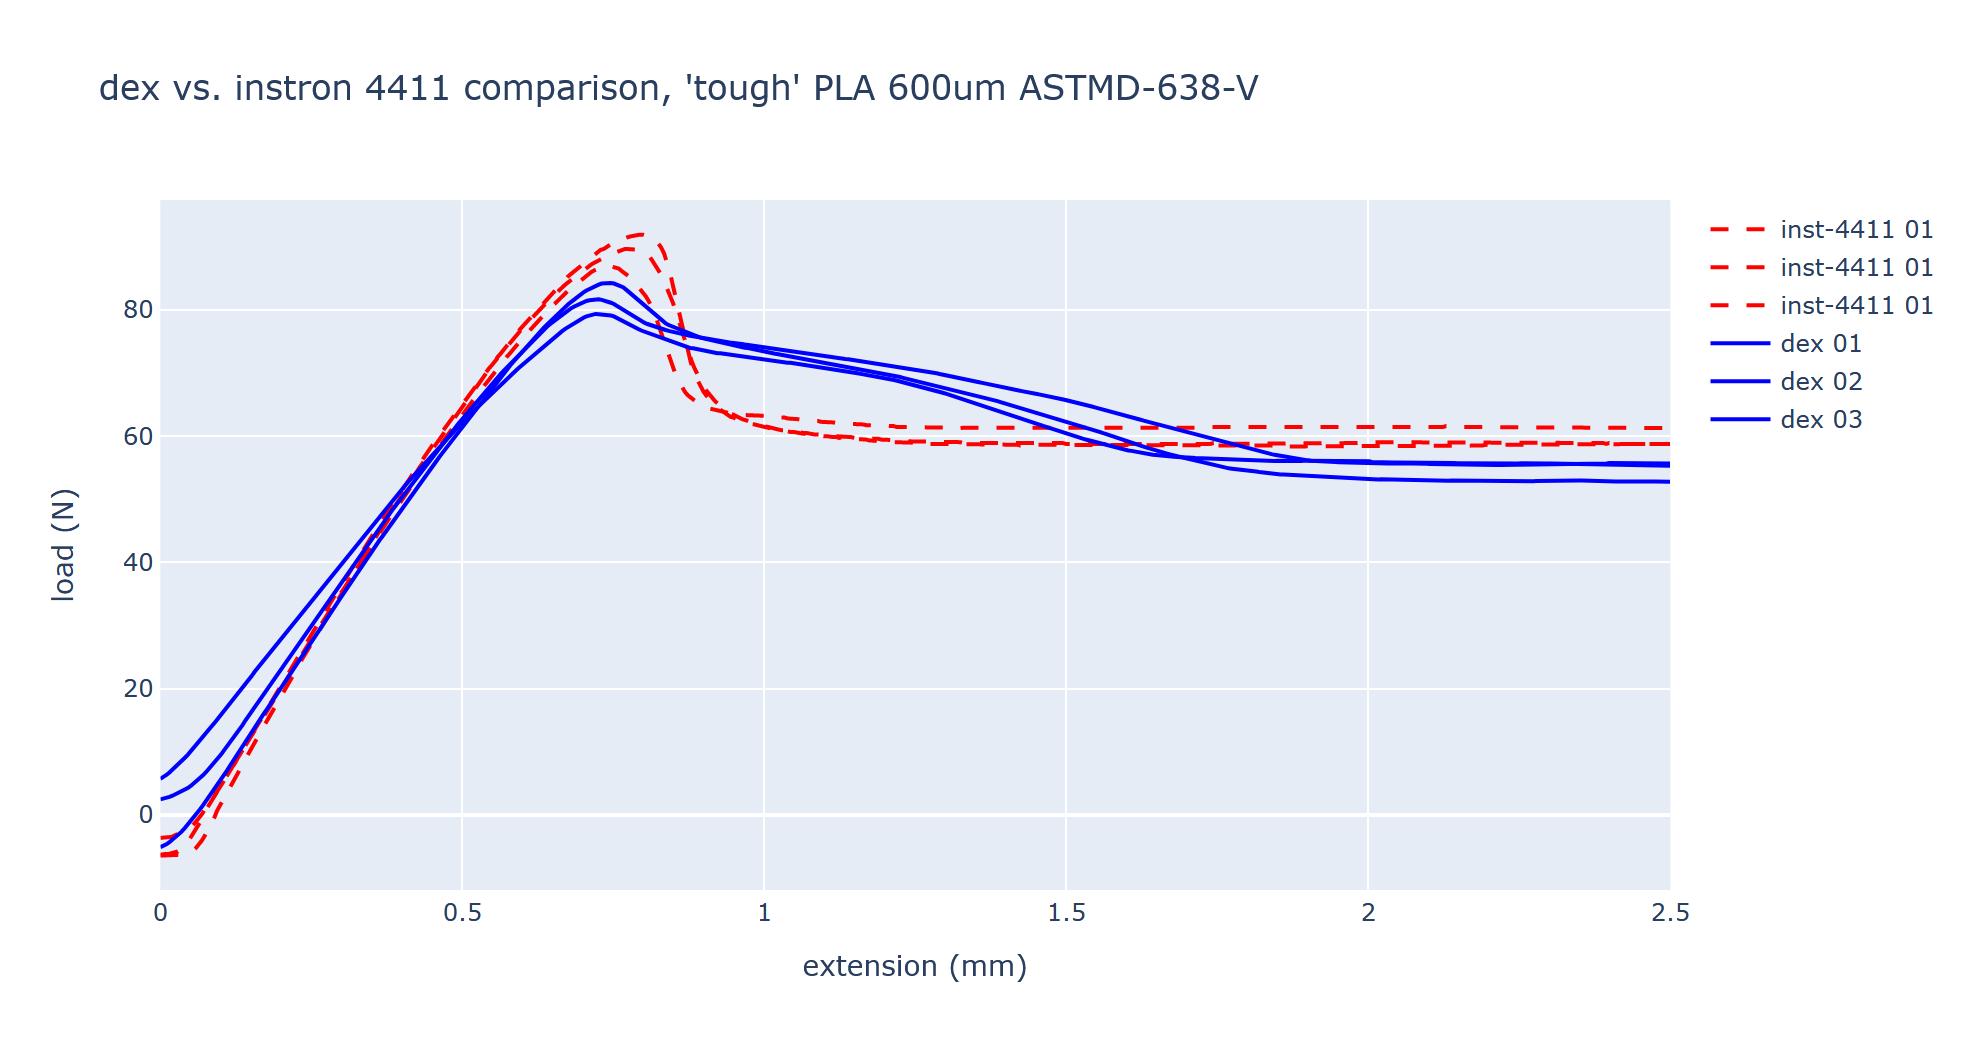 data/2020-07-12_compare-dex-4411/2020-07-12_compare-dex-4411-01.png